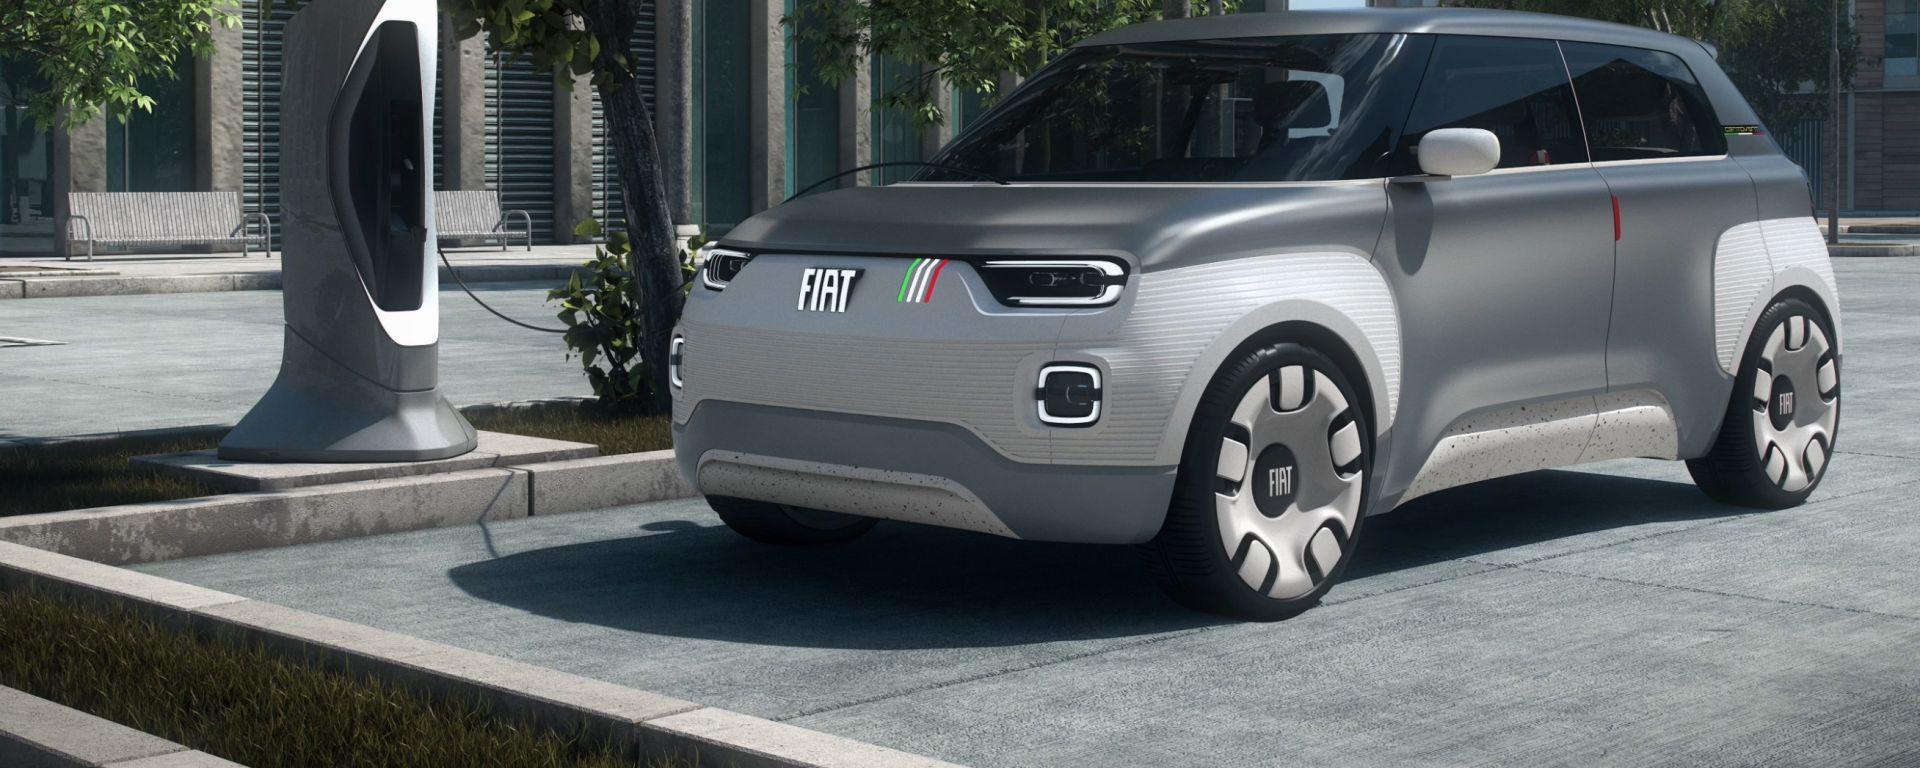 Nuova Fiat Panda, ipotesi pianale Centoventi Concept